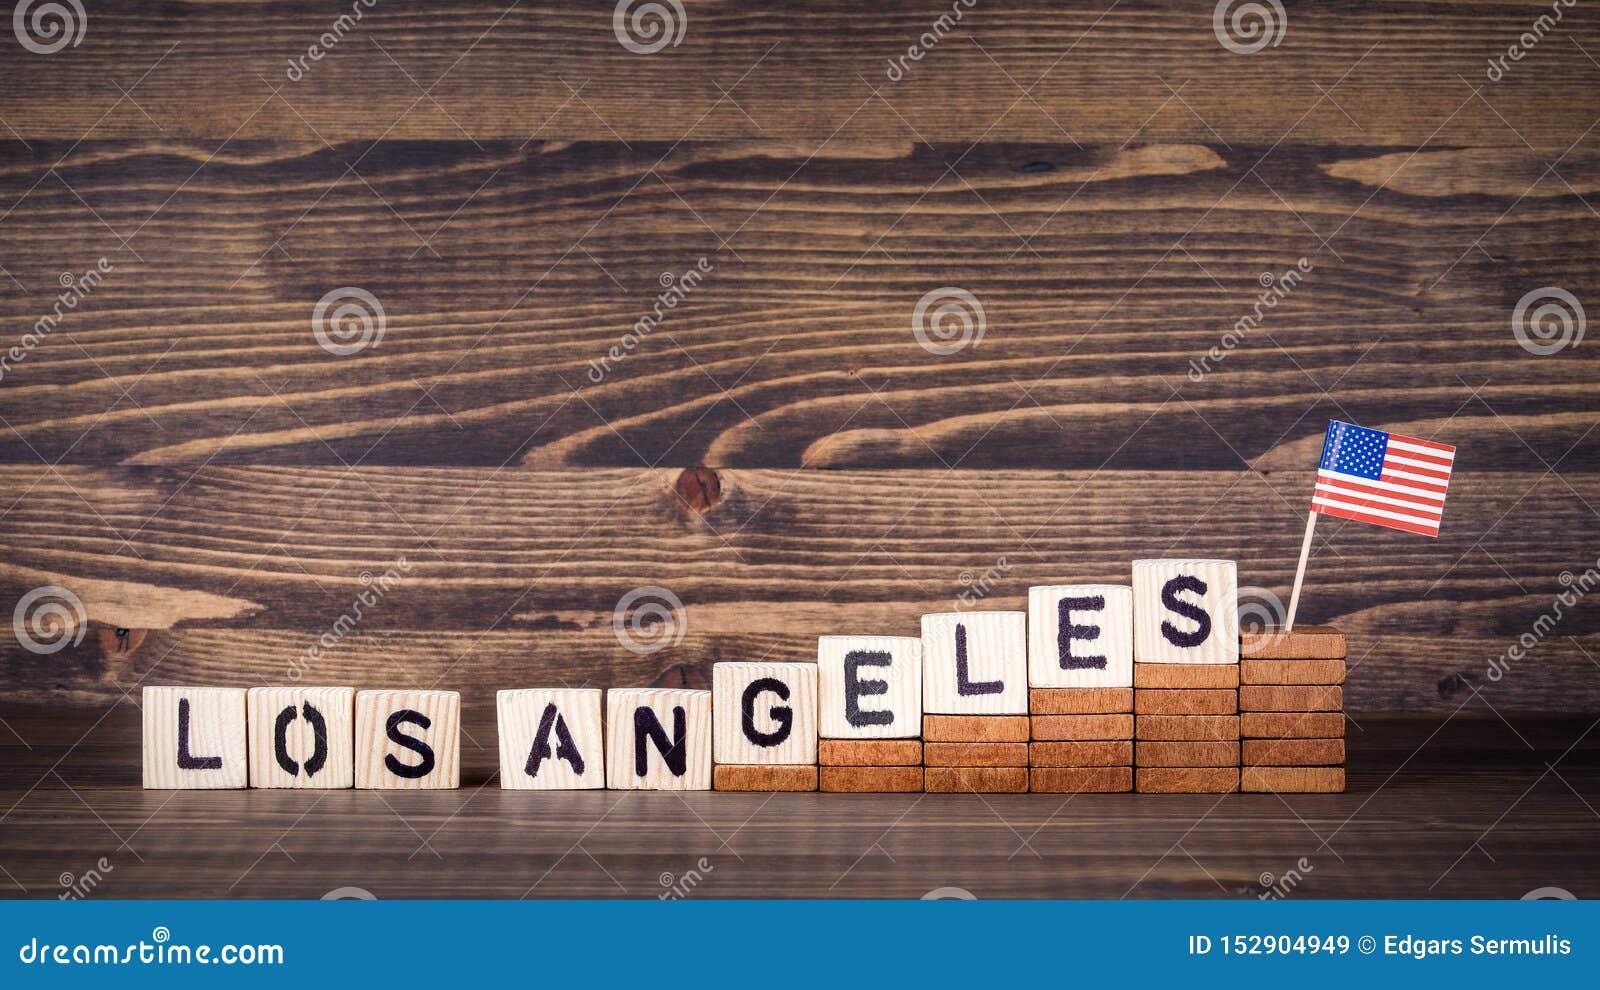 洛杉矶,美国 政治,经济和移民概念